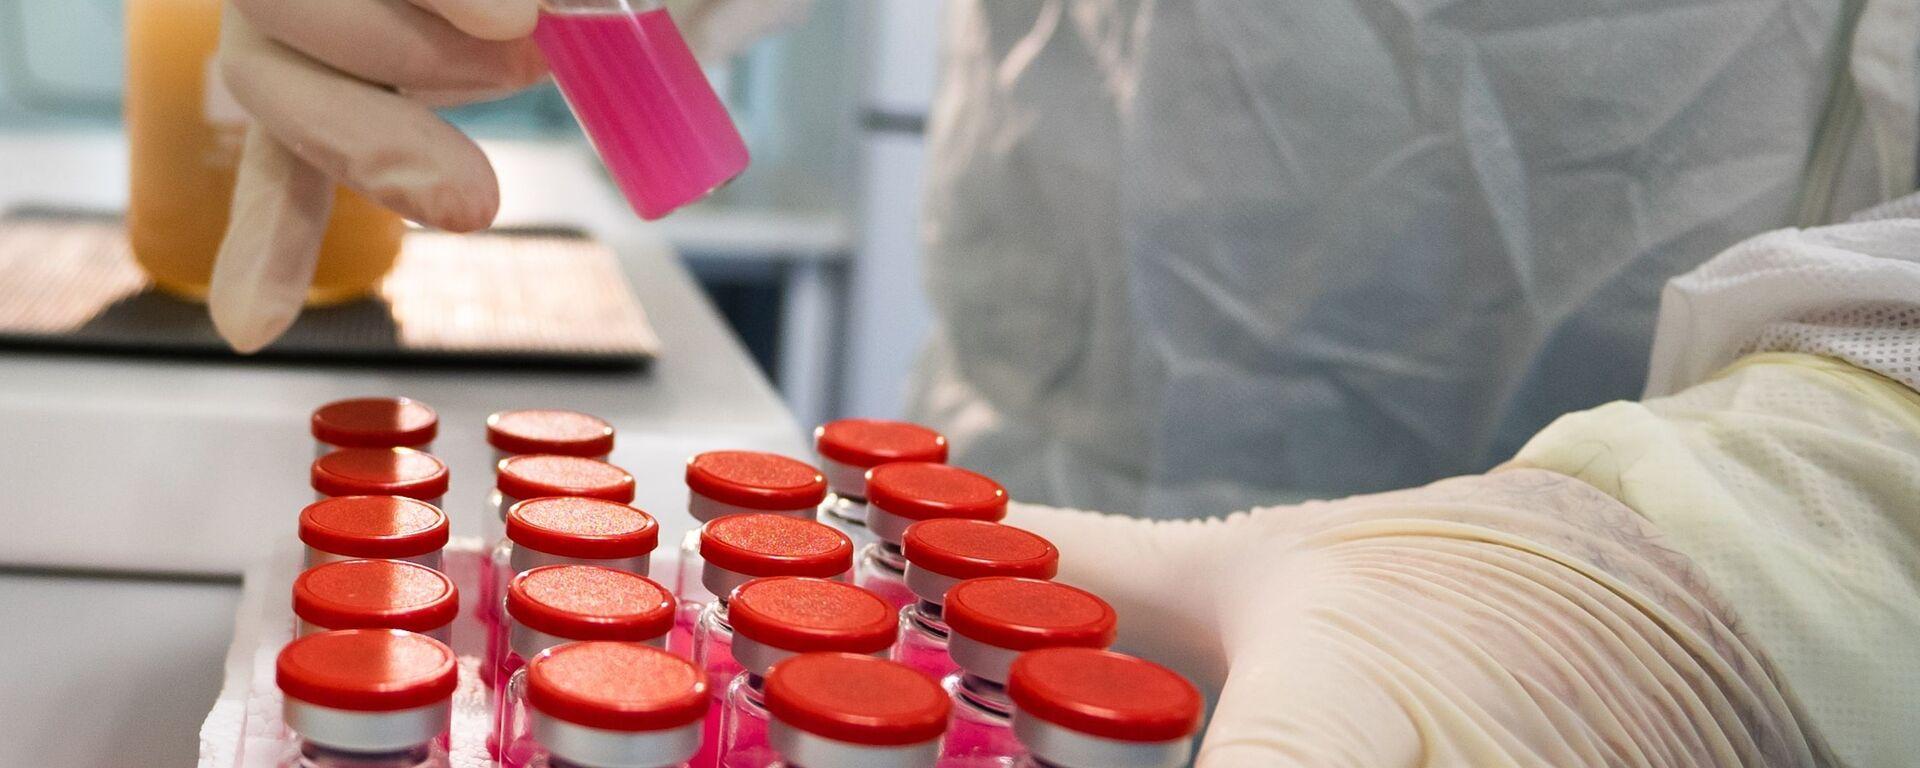 W Rosji zarejestrowano pierwszą na świecie szczepionkę przeciwko COVID-19 dla zwierząt - Sputnik Polska, 1920, 28.06.2021